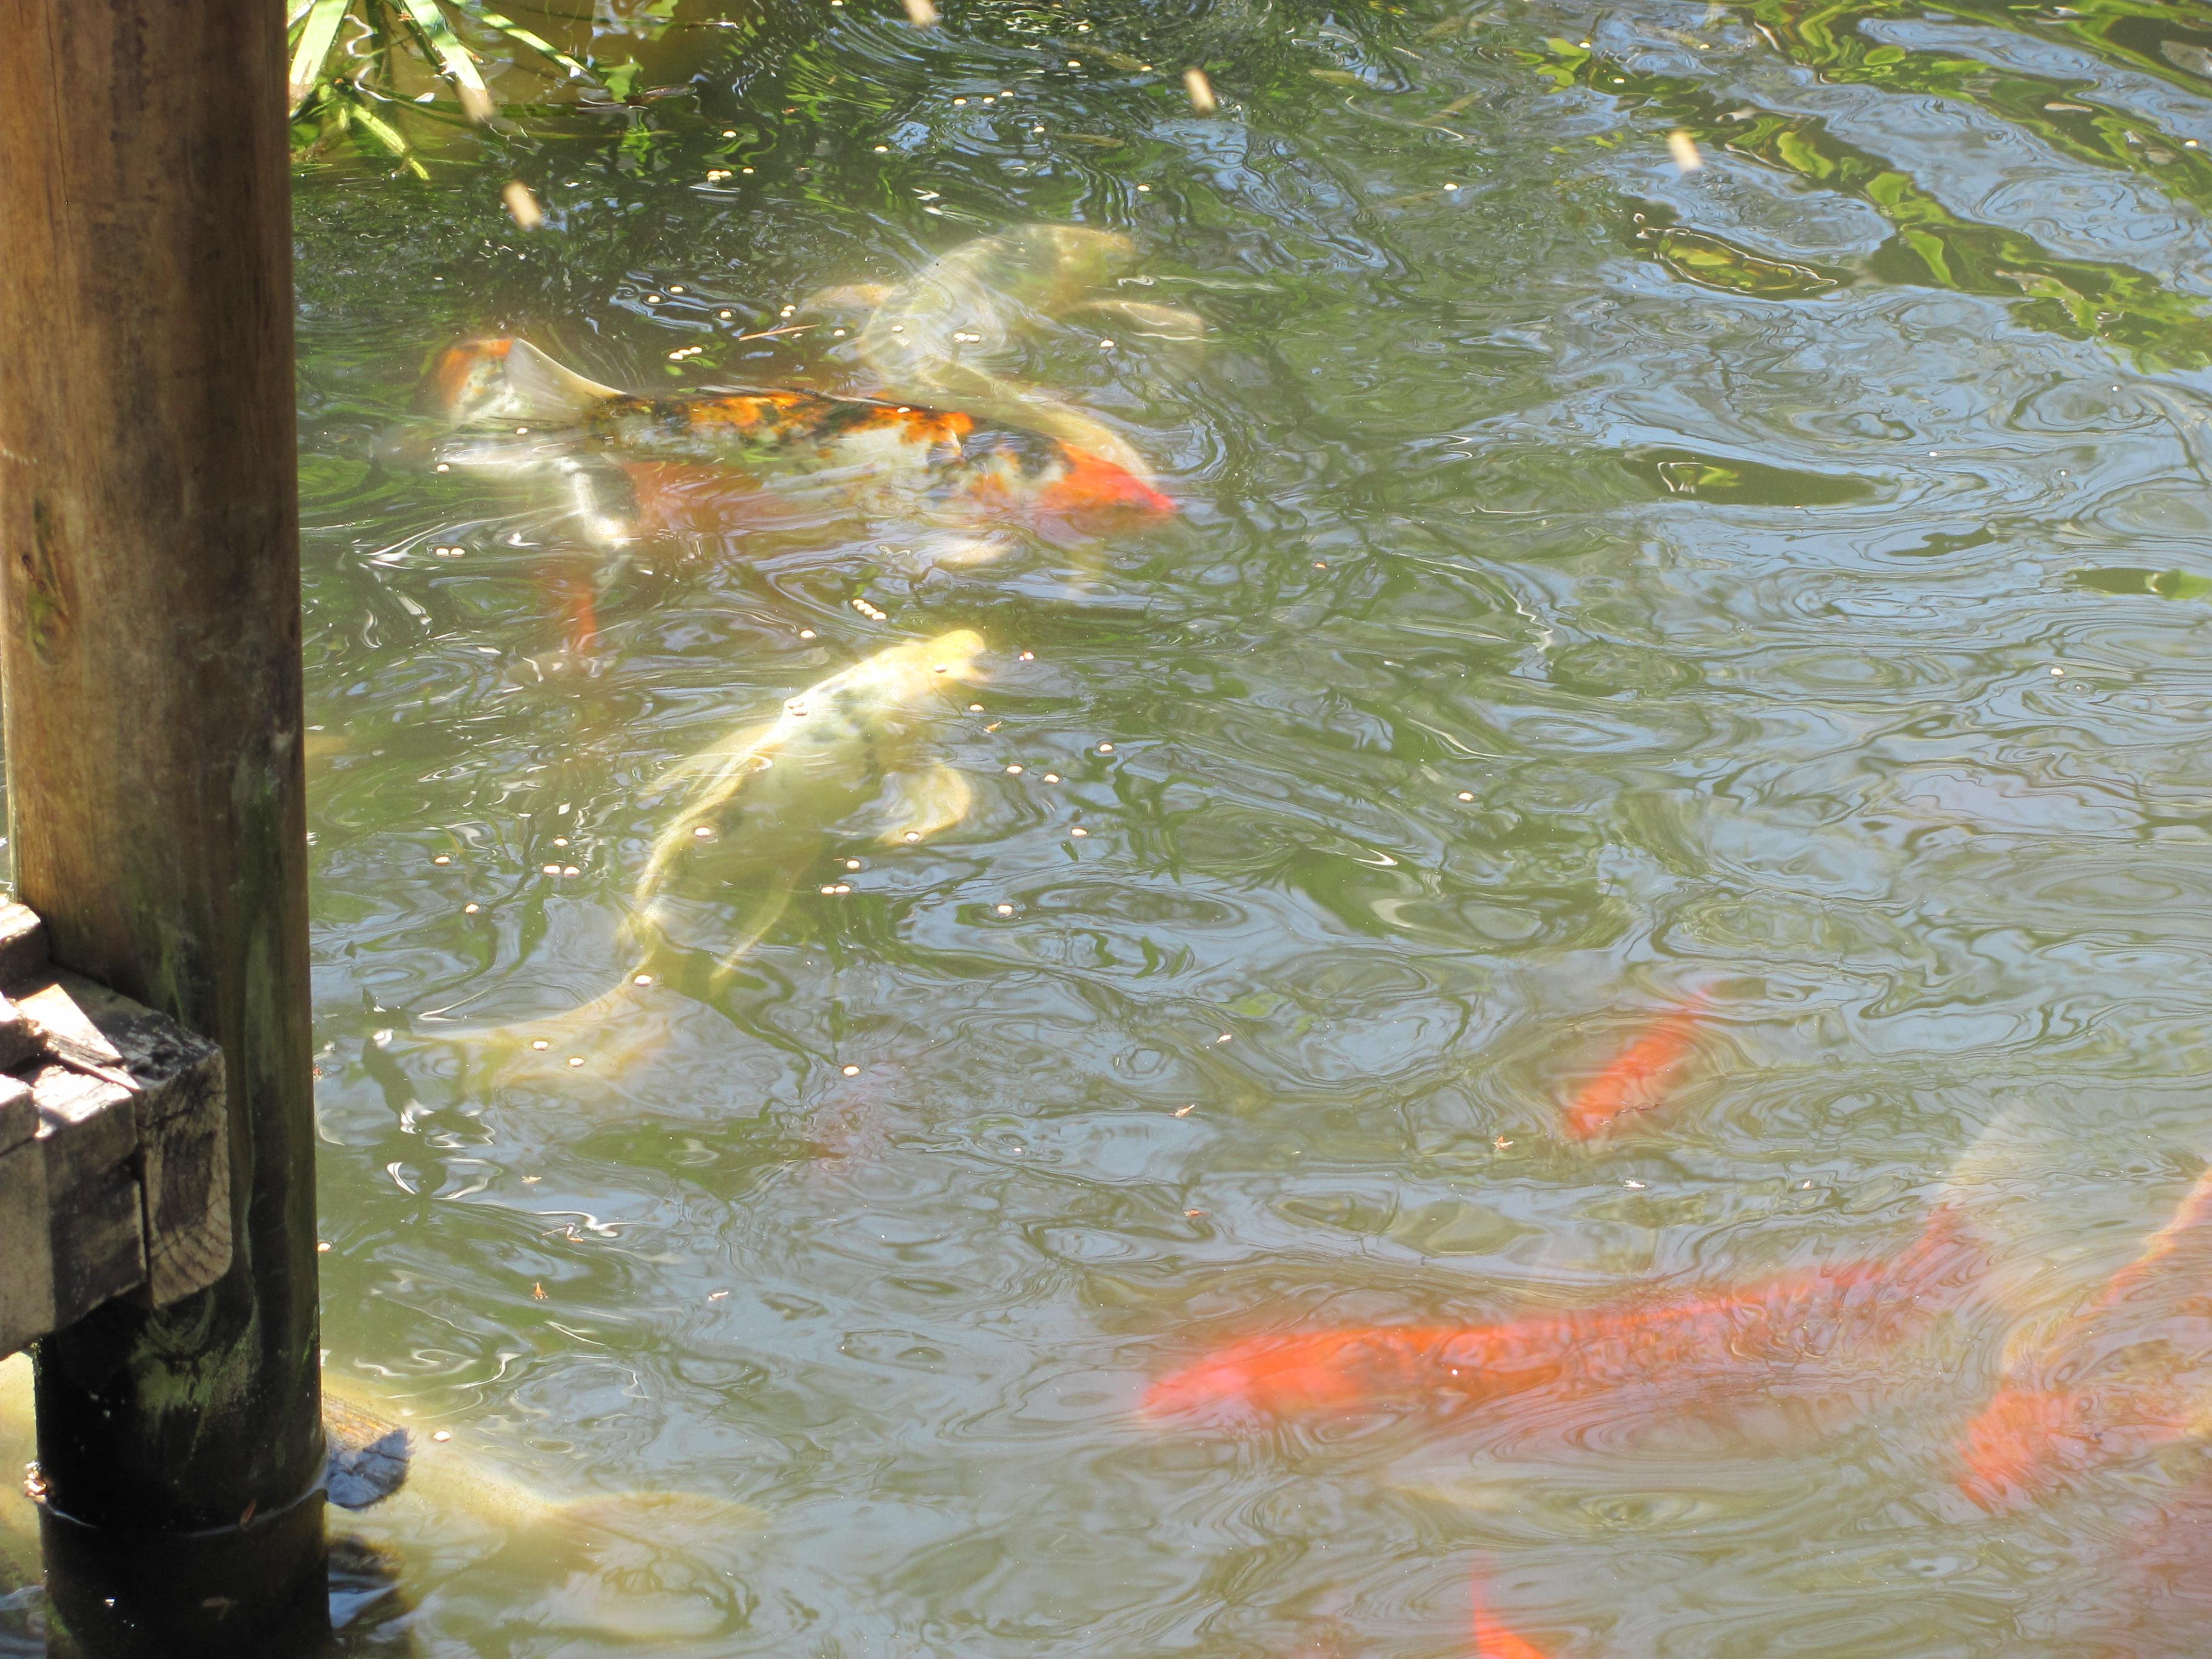 Koi and gold fish 2 by dragonladyslair on deviantart for Goldfisch und koi